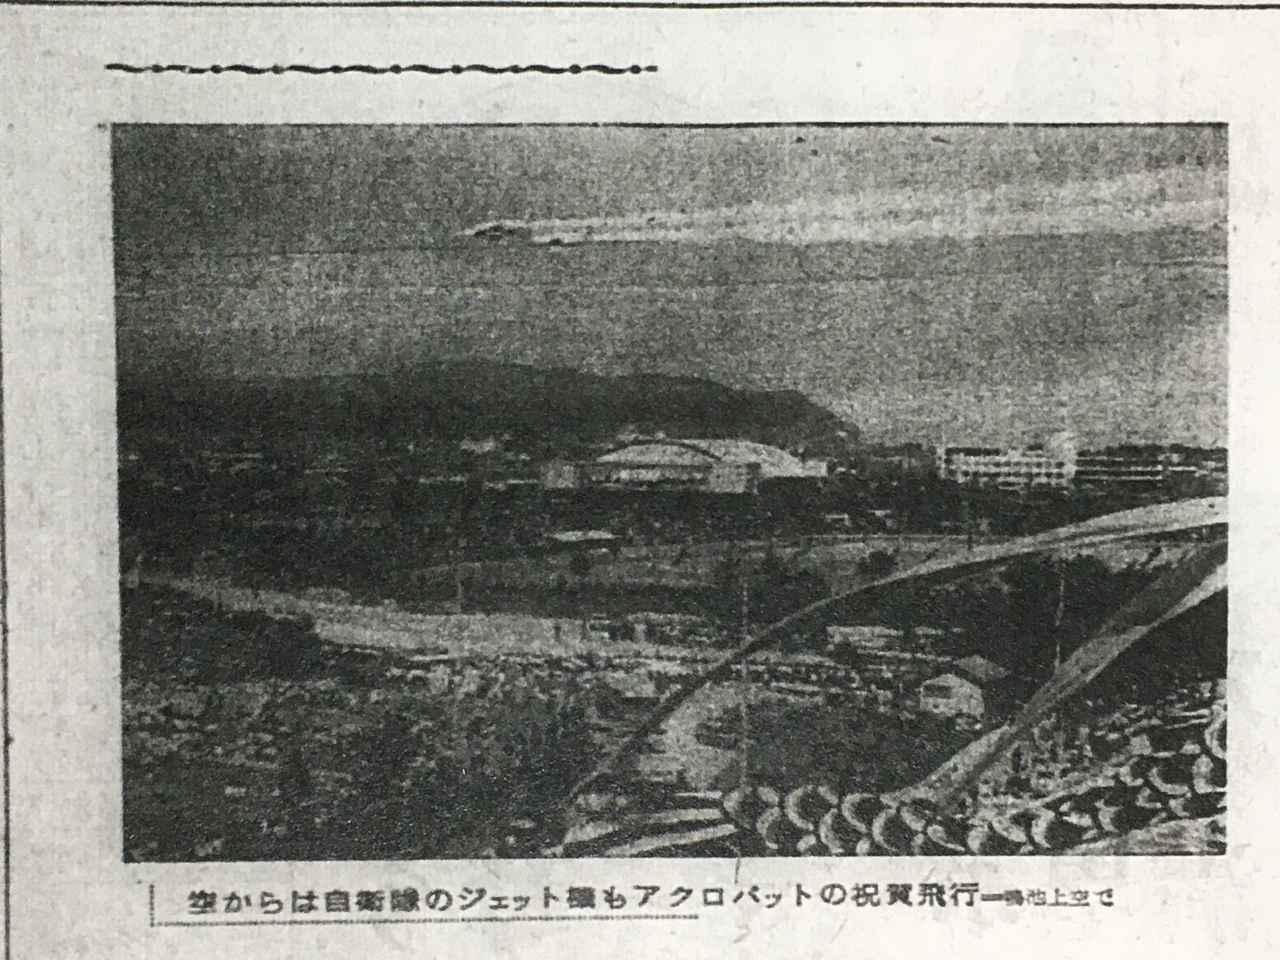 画像: 鹿児島新報に載る86ブルー。マスゲーム会場に進入時と思われる。手前に鯉のぼりの一部が写っており、高い位置から撮影しているのがわかる。4機ダイヤモンド編隊にも見えるが写真が不鮮明で判然としない。